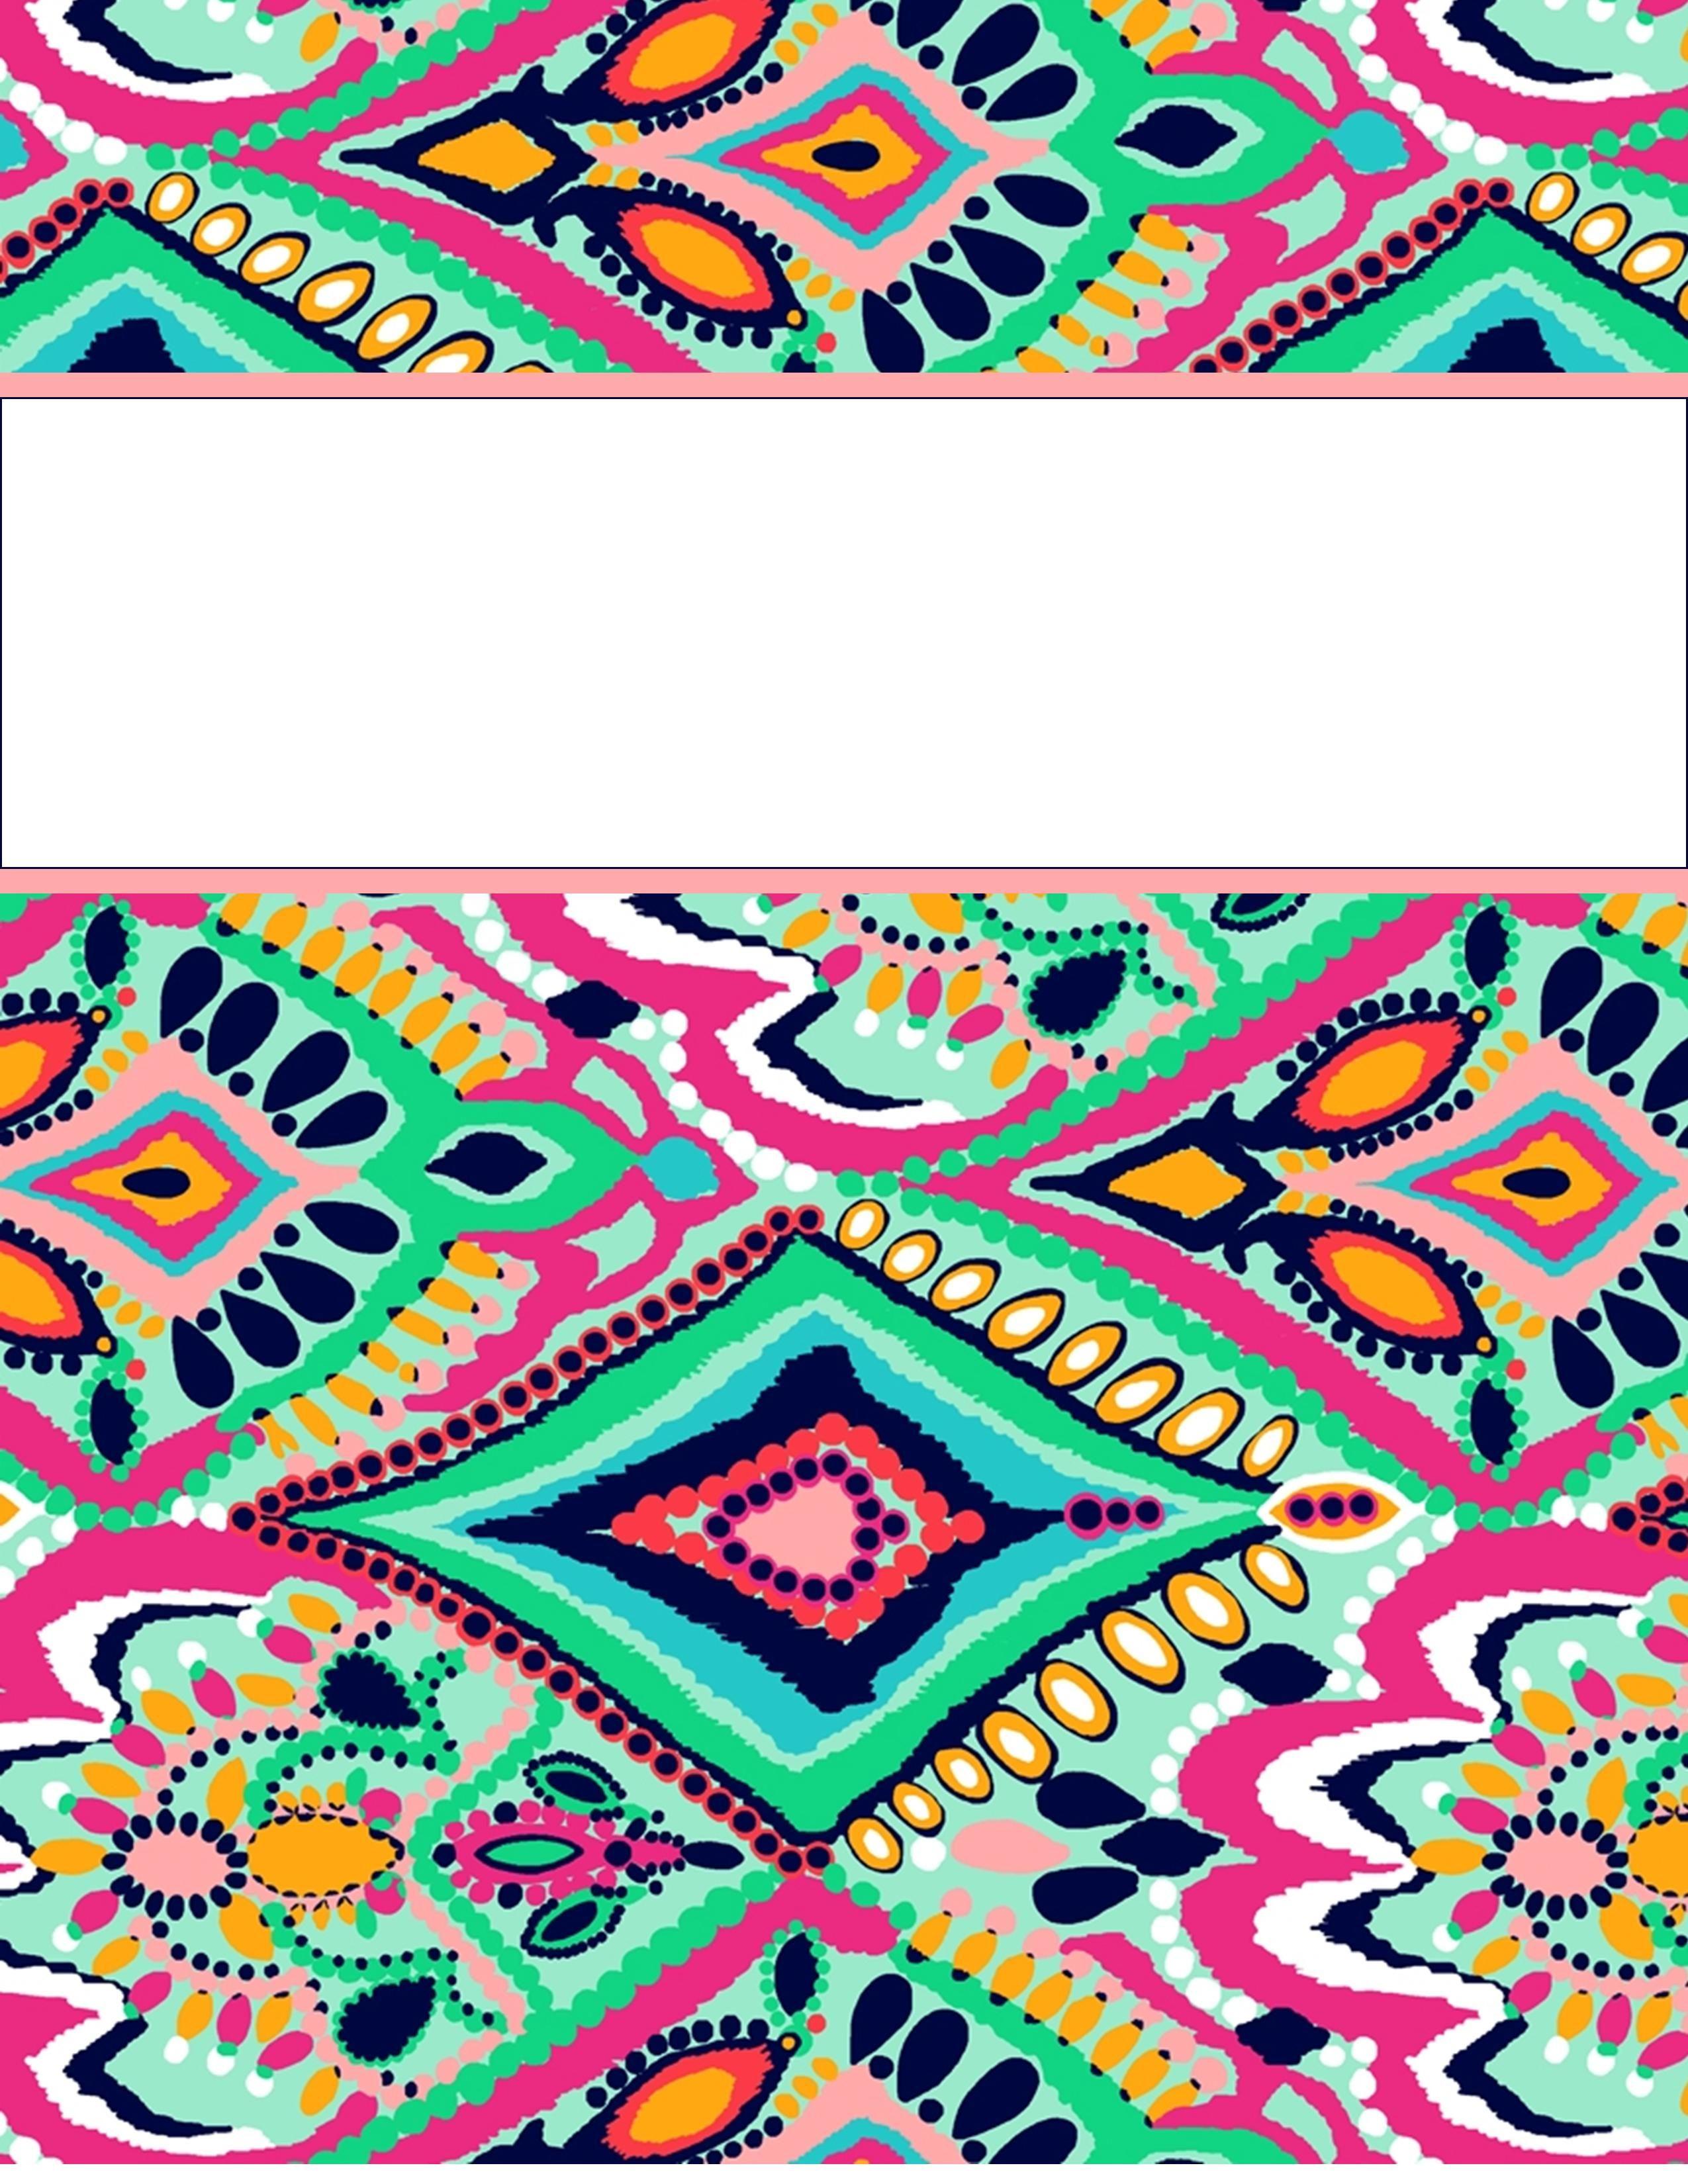 My Cute Binder Covers | Nursing School | Pinterest | Binder Cover - Cute Free Printable Binder Covers